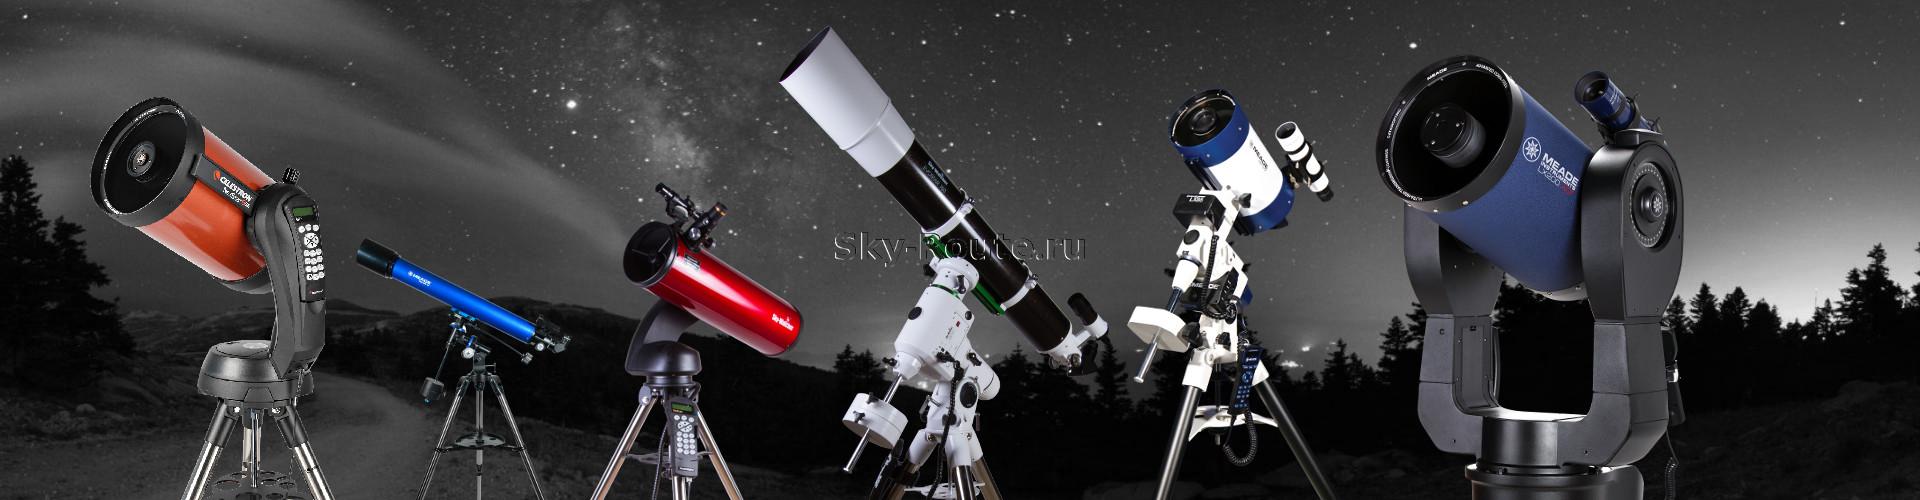 купить телескоп в москве